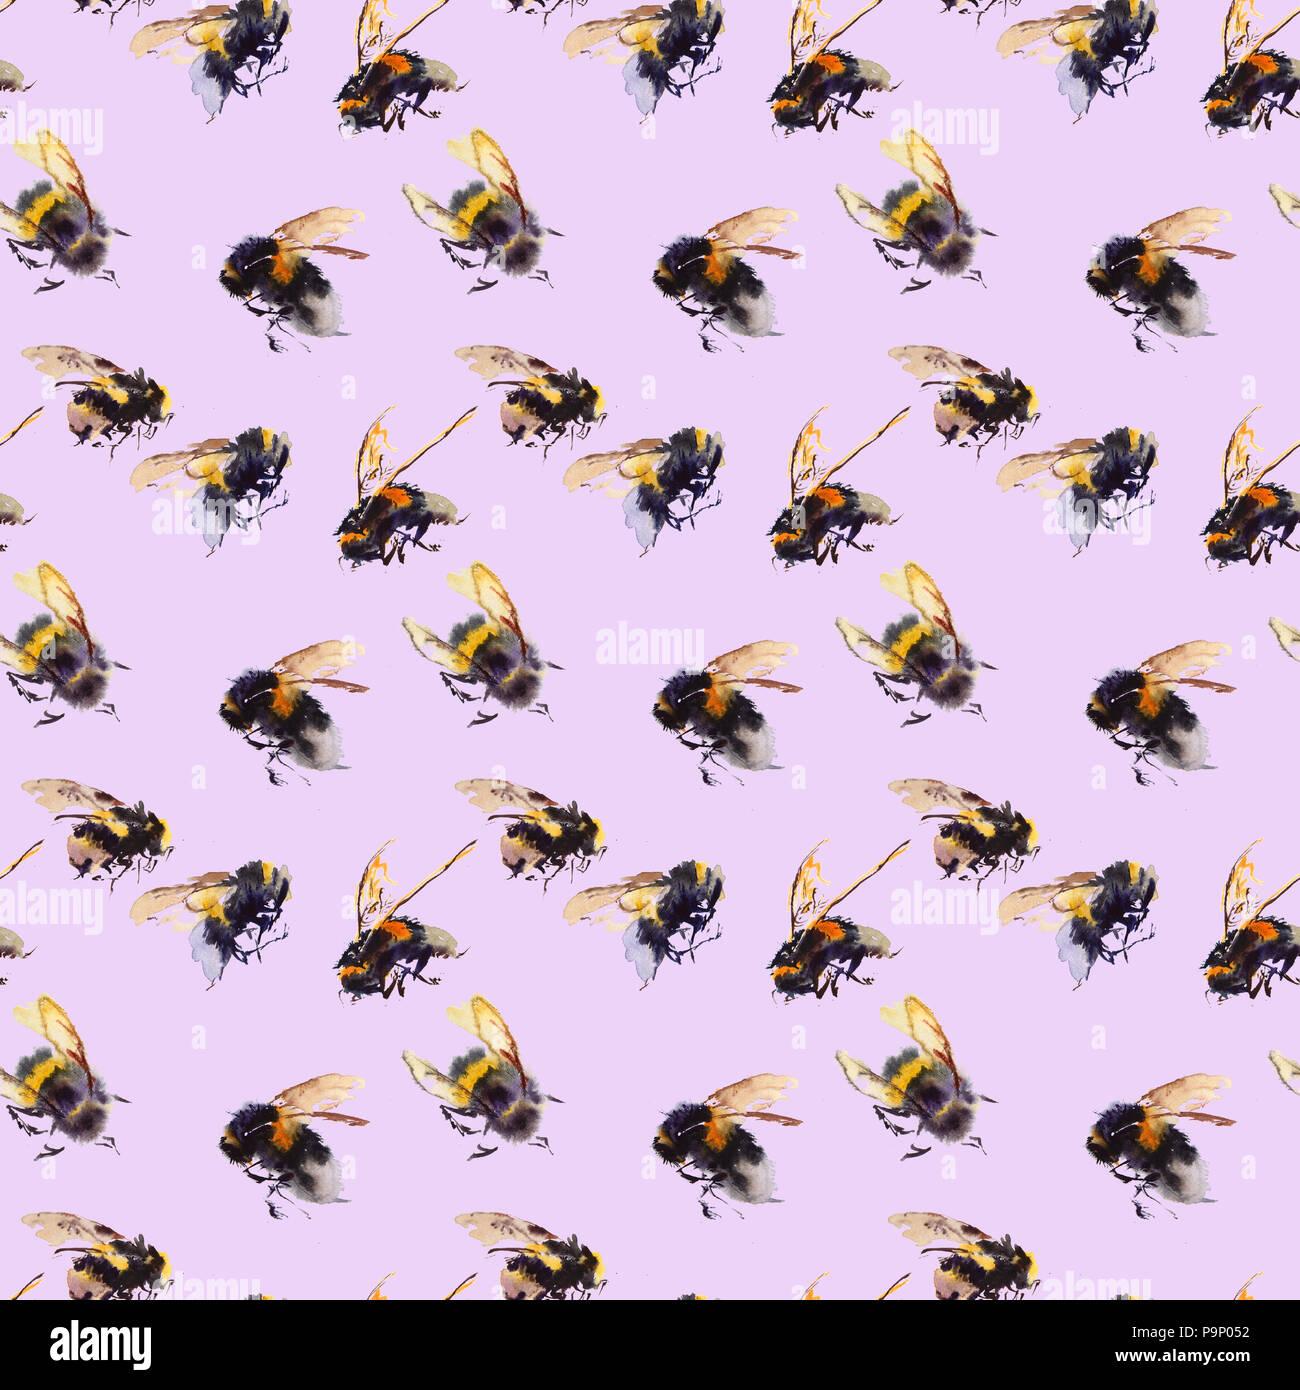 Acquerello api seamless pattern isolati su sfondo bianco. disegnati a mano illustrazione ad acquerello Immagini Stock